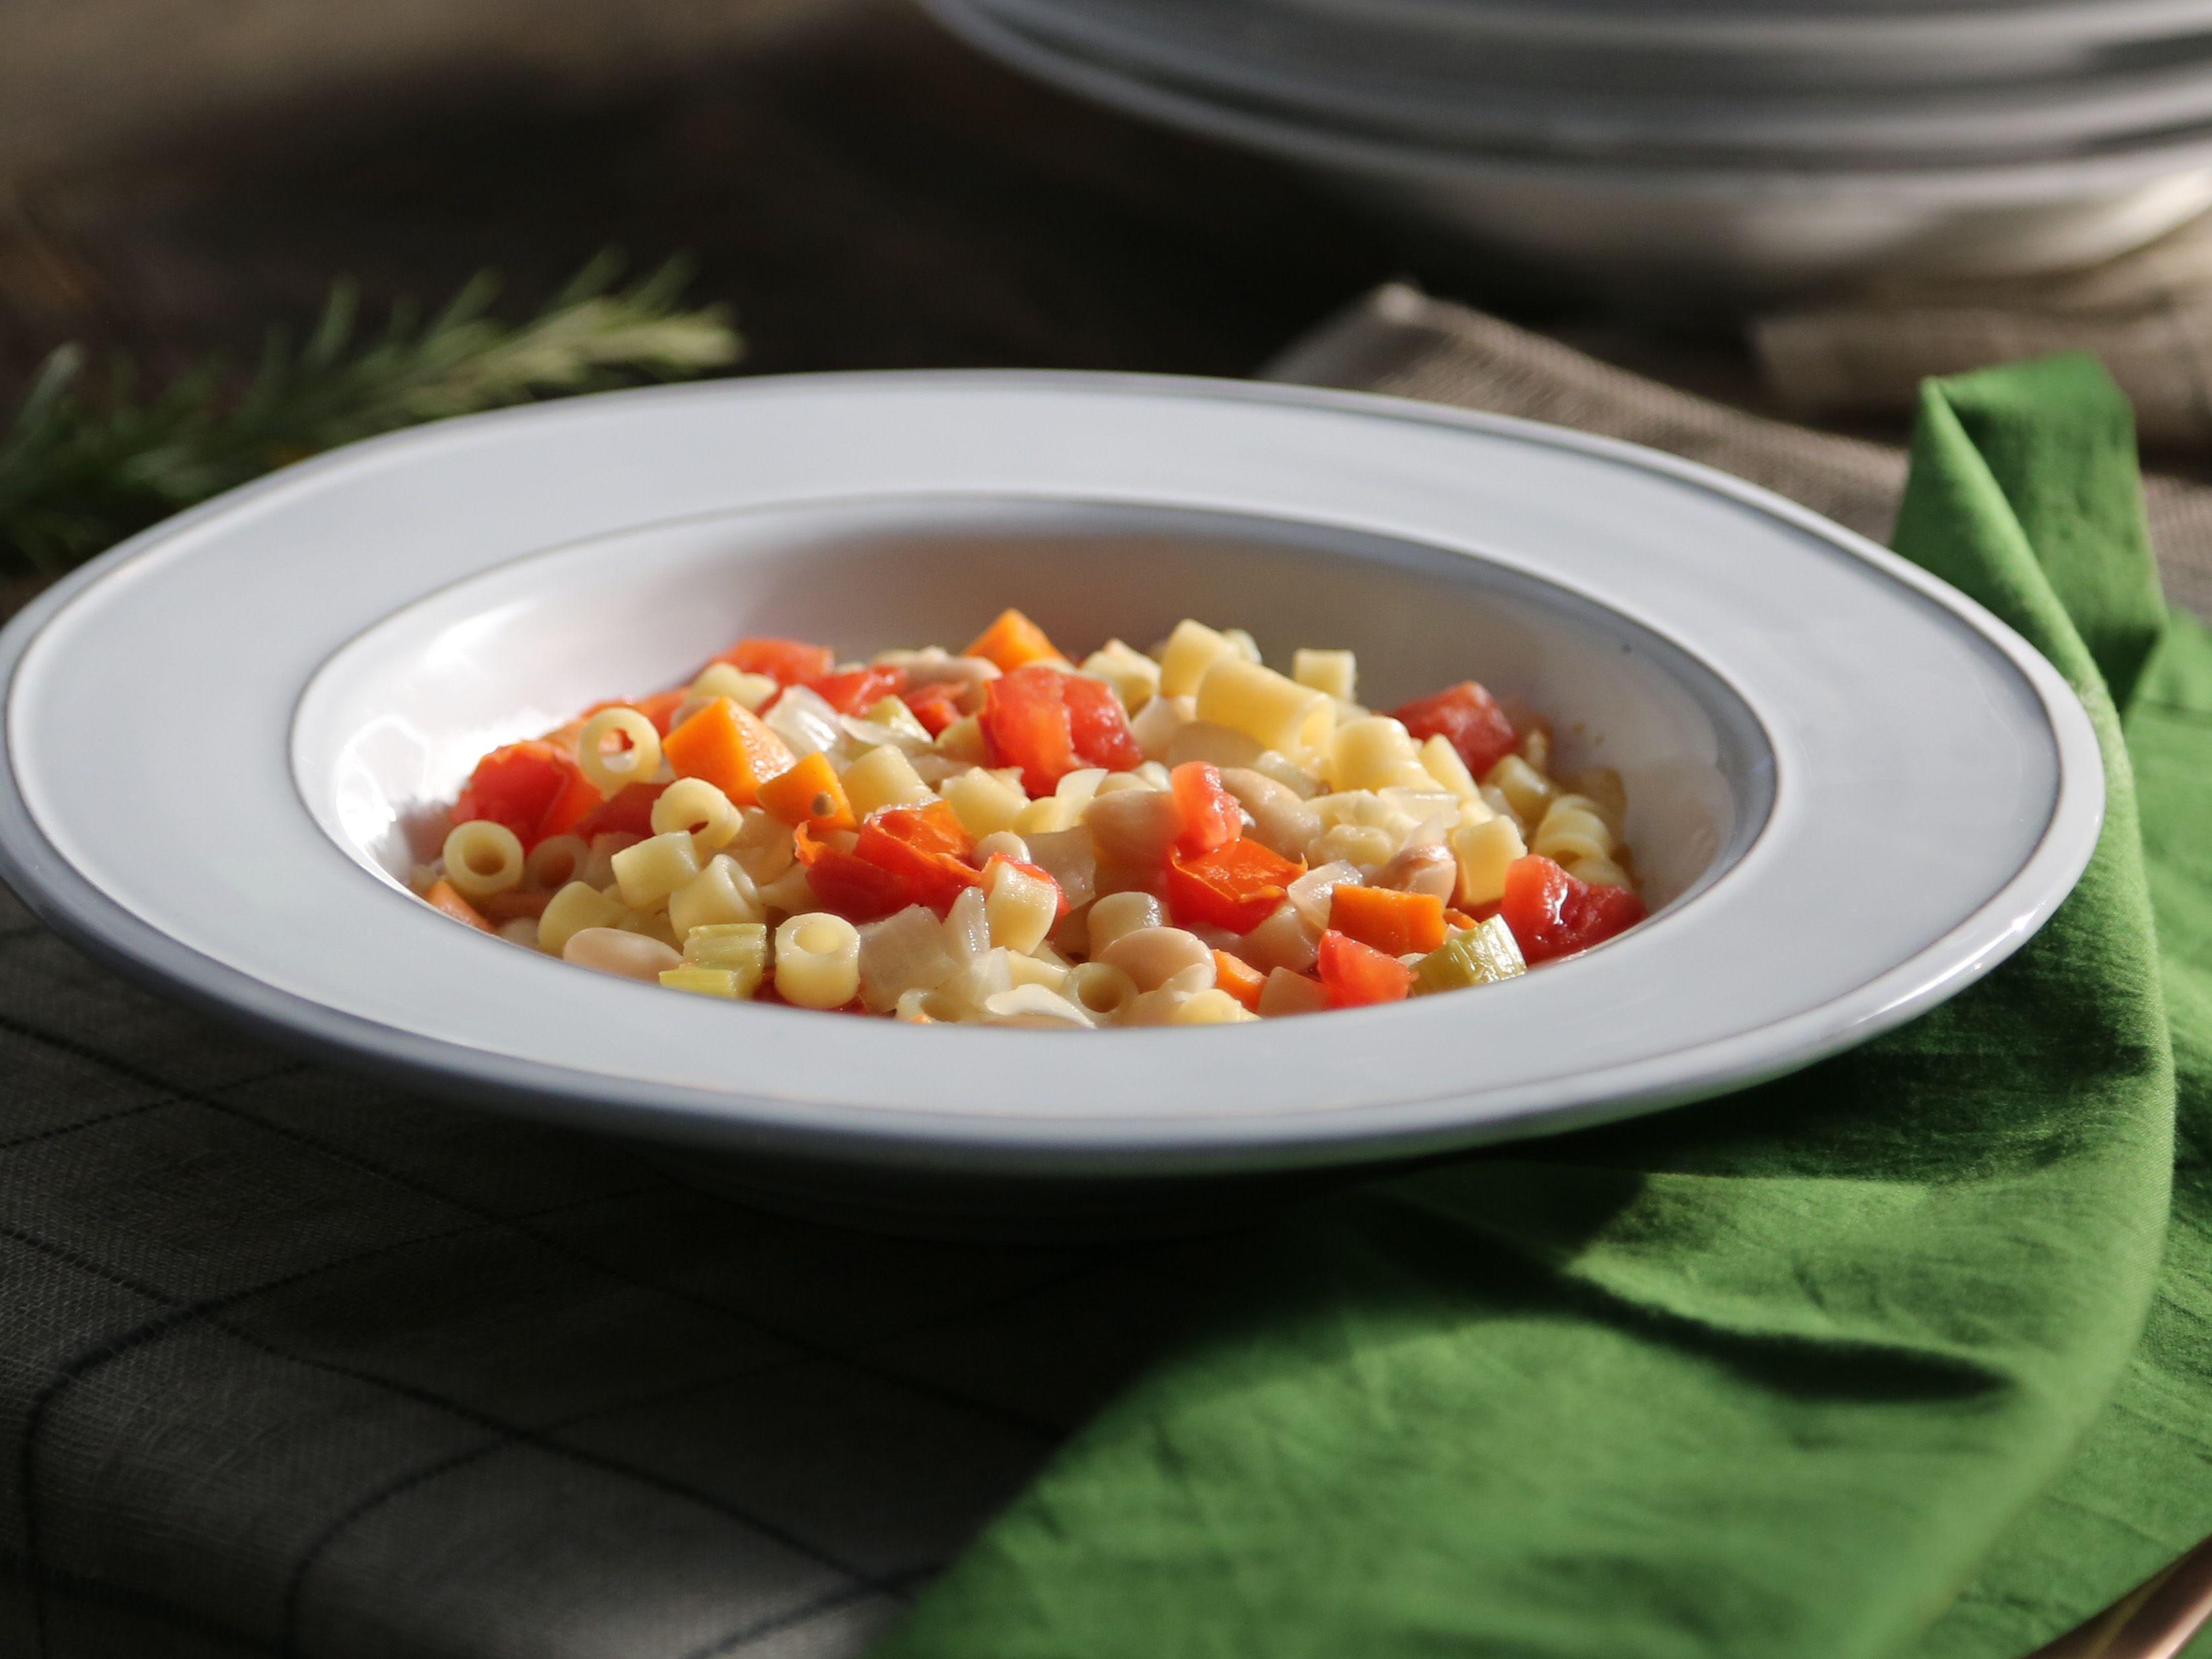 Pasta e fagioli recipe valerie bertinelli pasta and recipes forumfinder Images